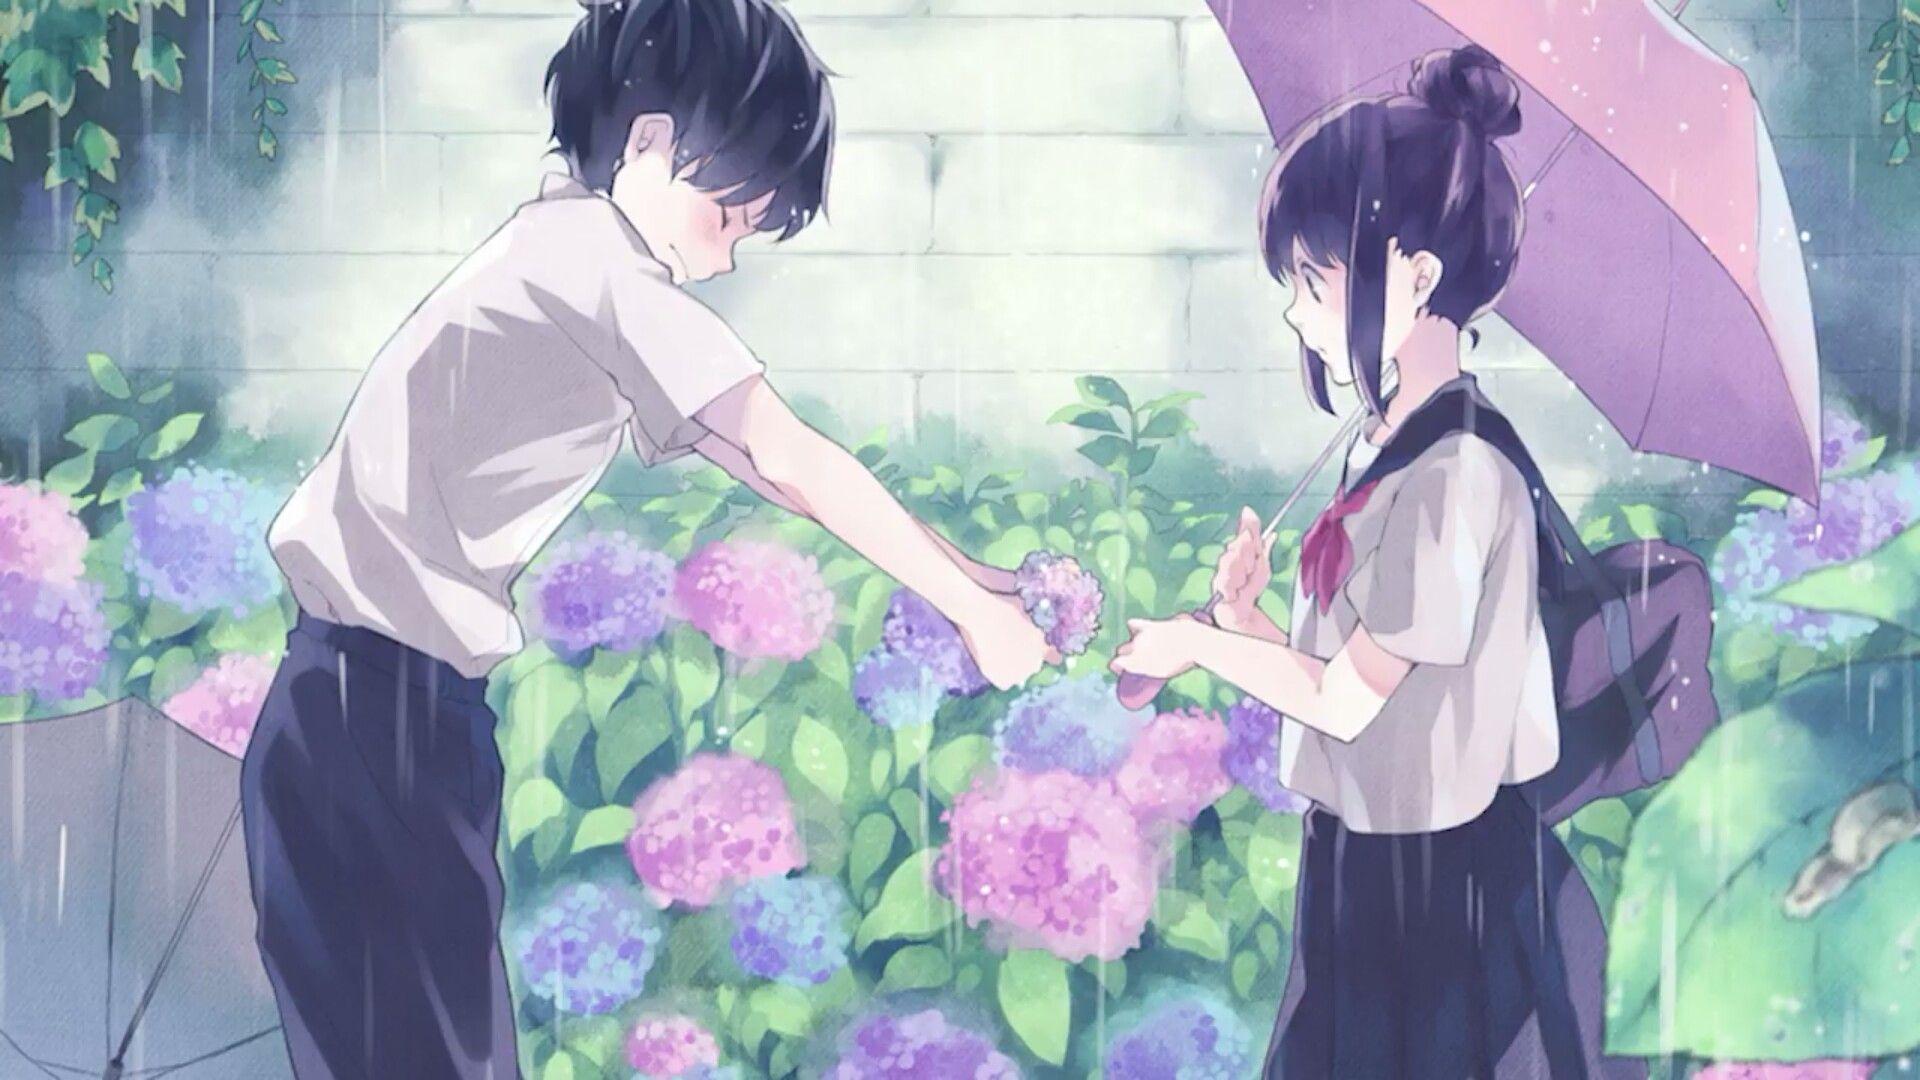 Anime Boy And Girl anime boy and girl wallpapers - top free anime boy and girl